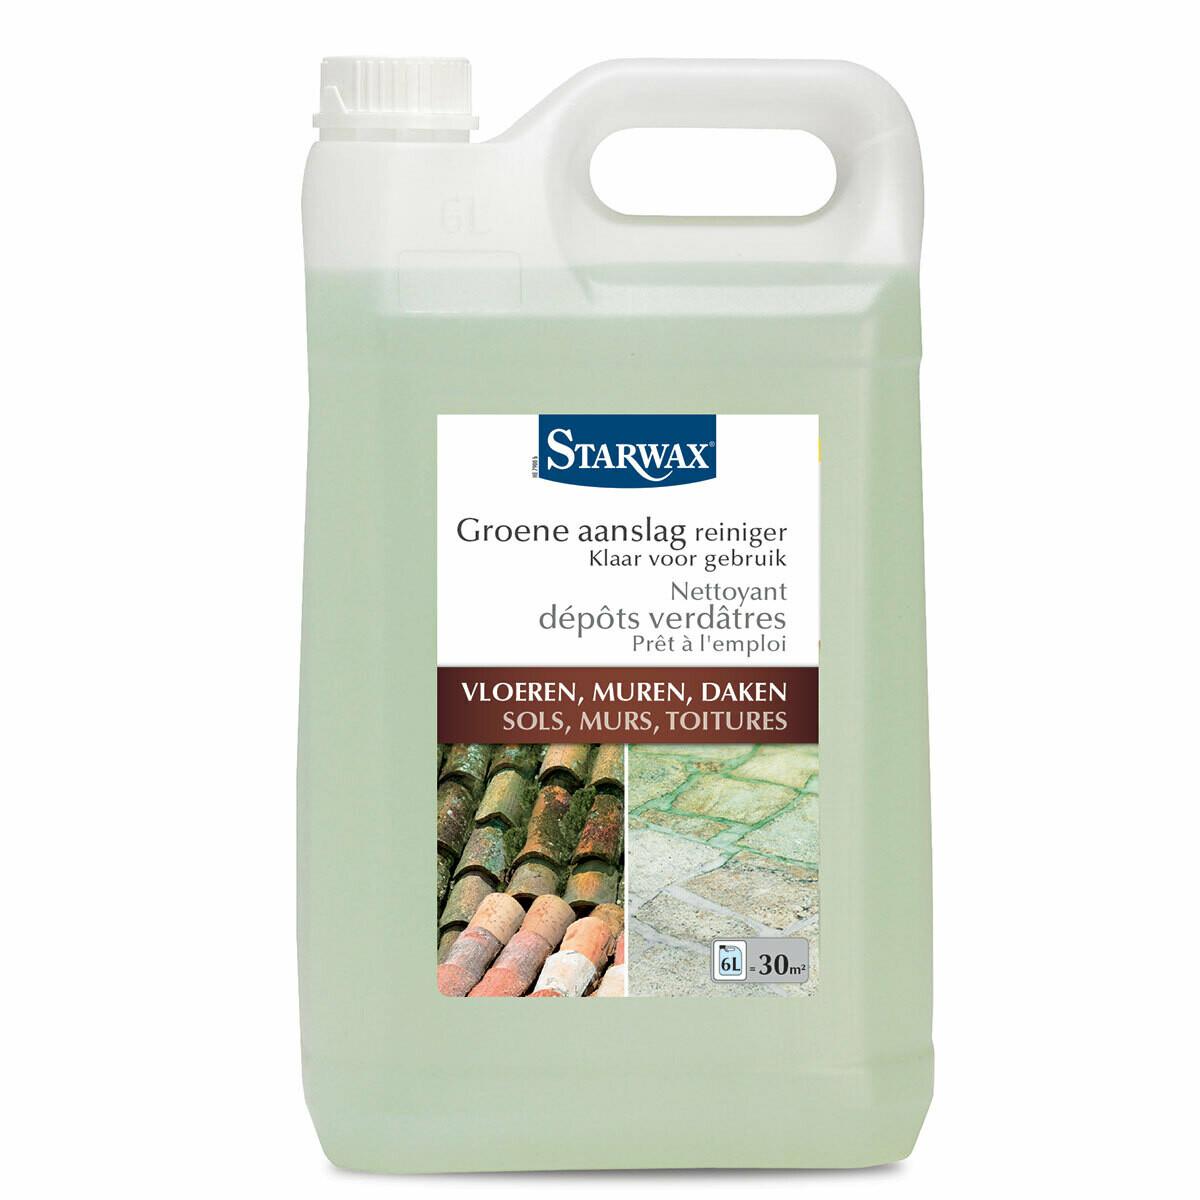 Starwax groene aanslag reiniger 6 L